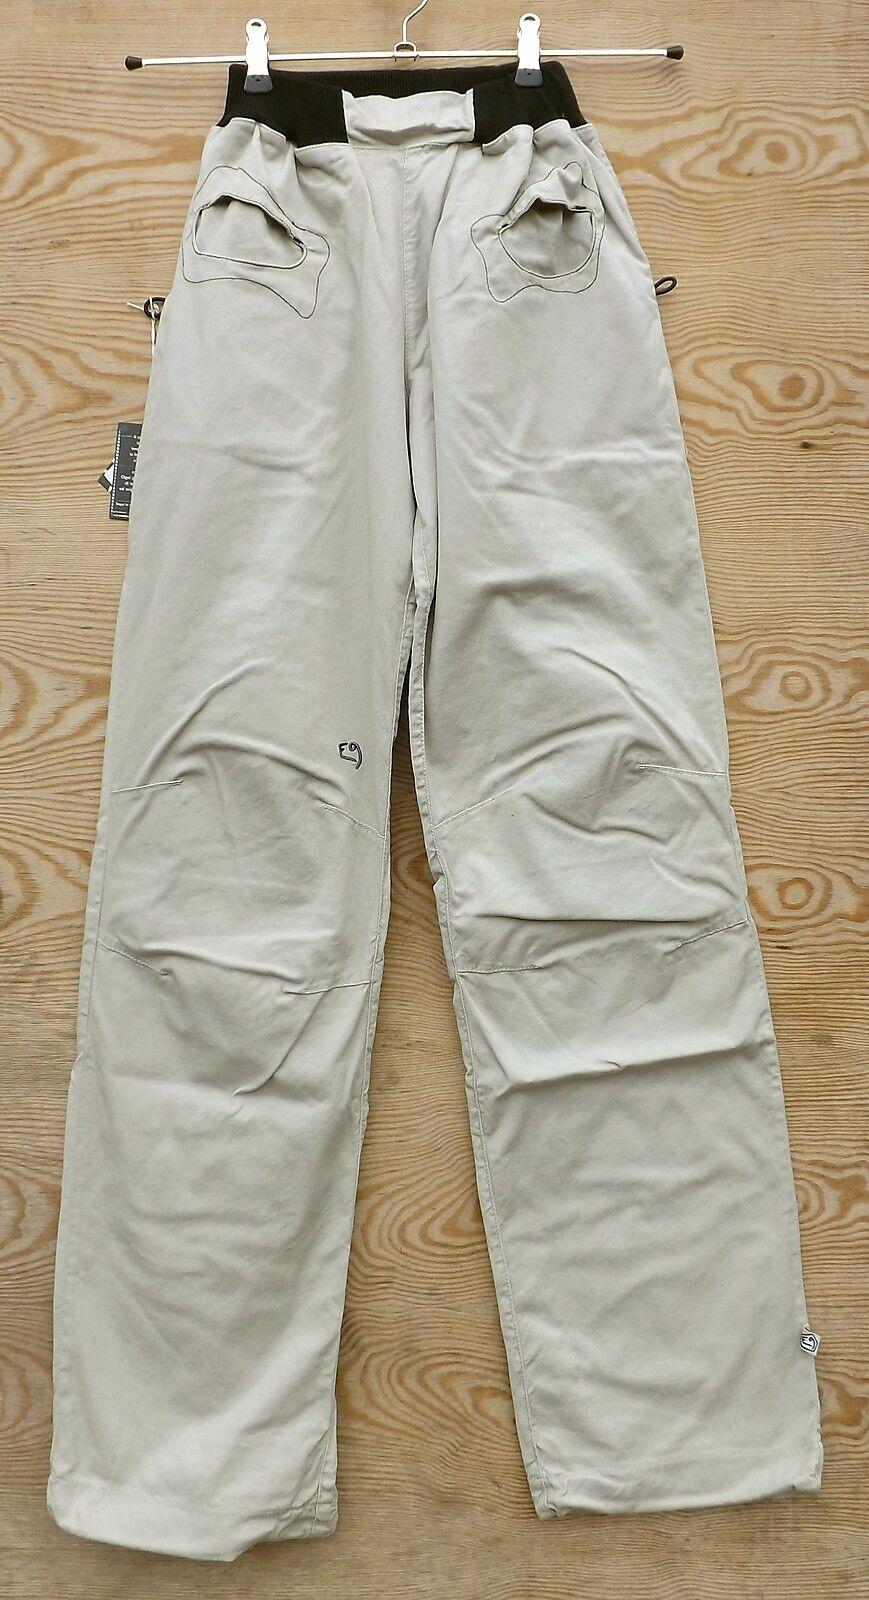 E9 Pantalones Mujer rojoondina, Talla M, Beige, Pantalones para Escalar